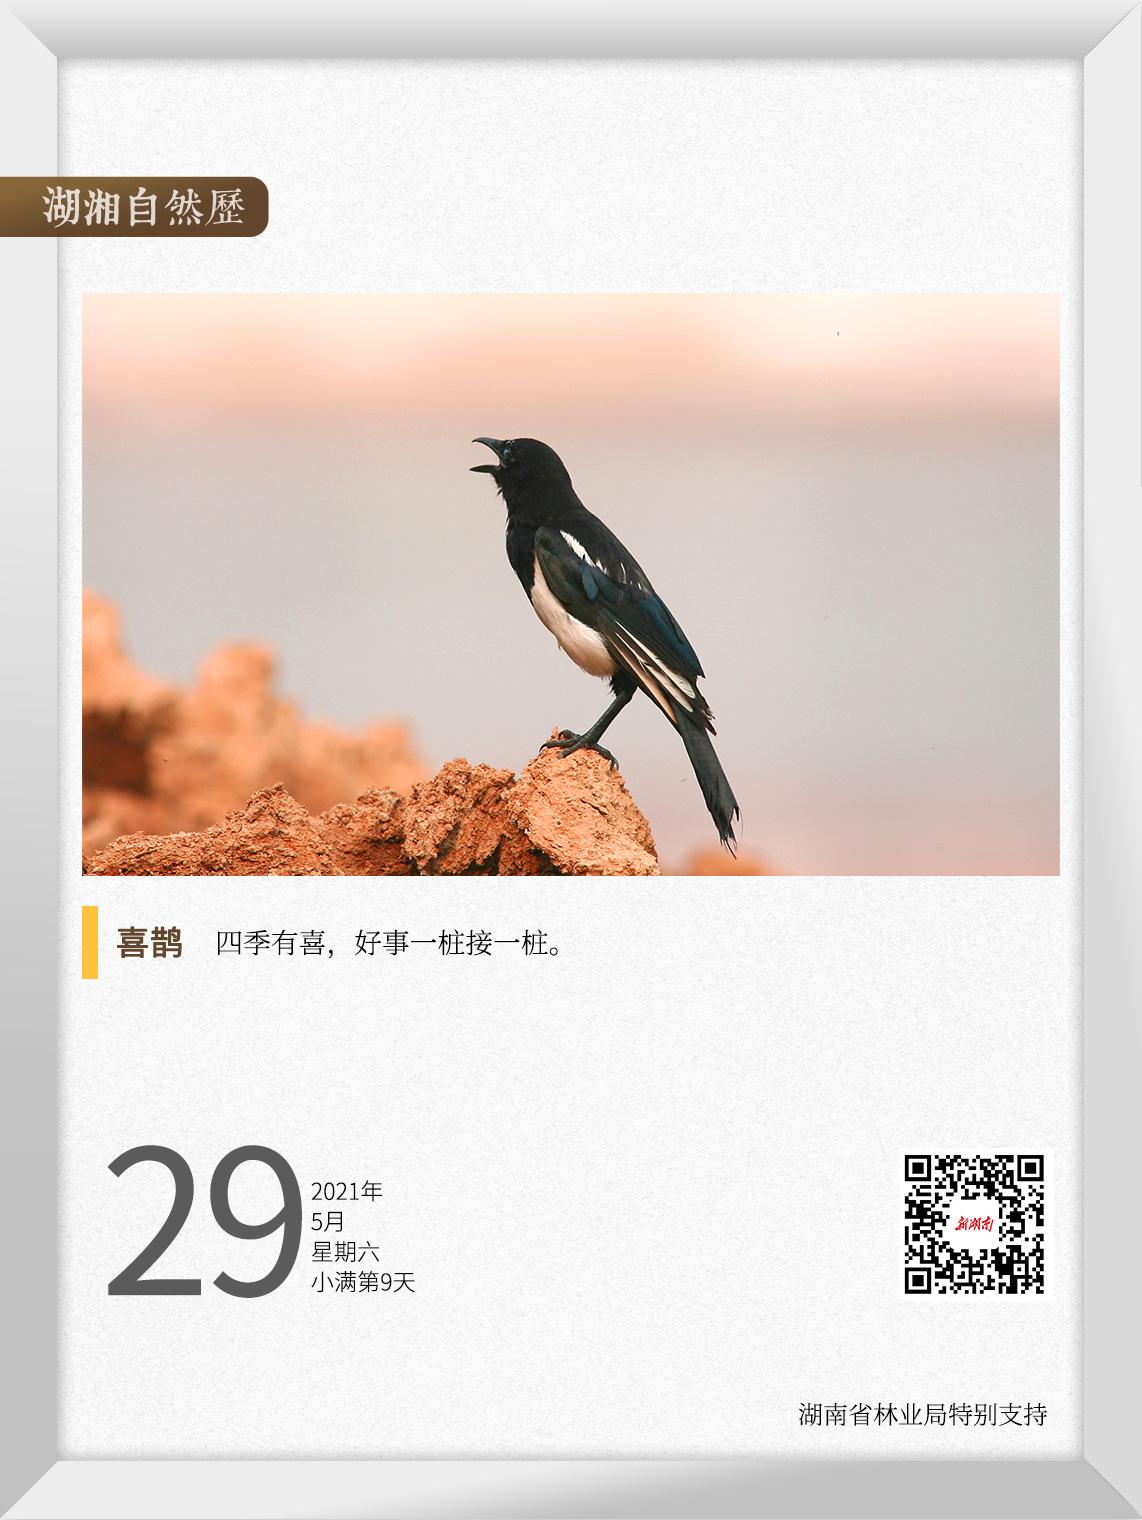 """湖湘自然历丨""""喳喳"""",今天有好事发生"""